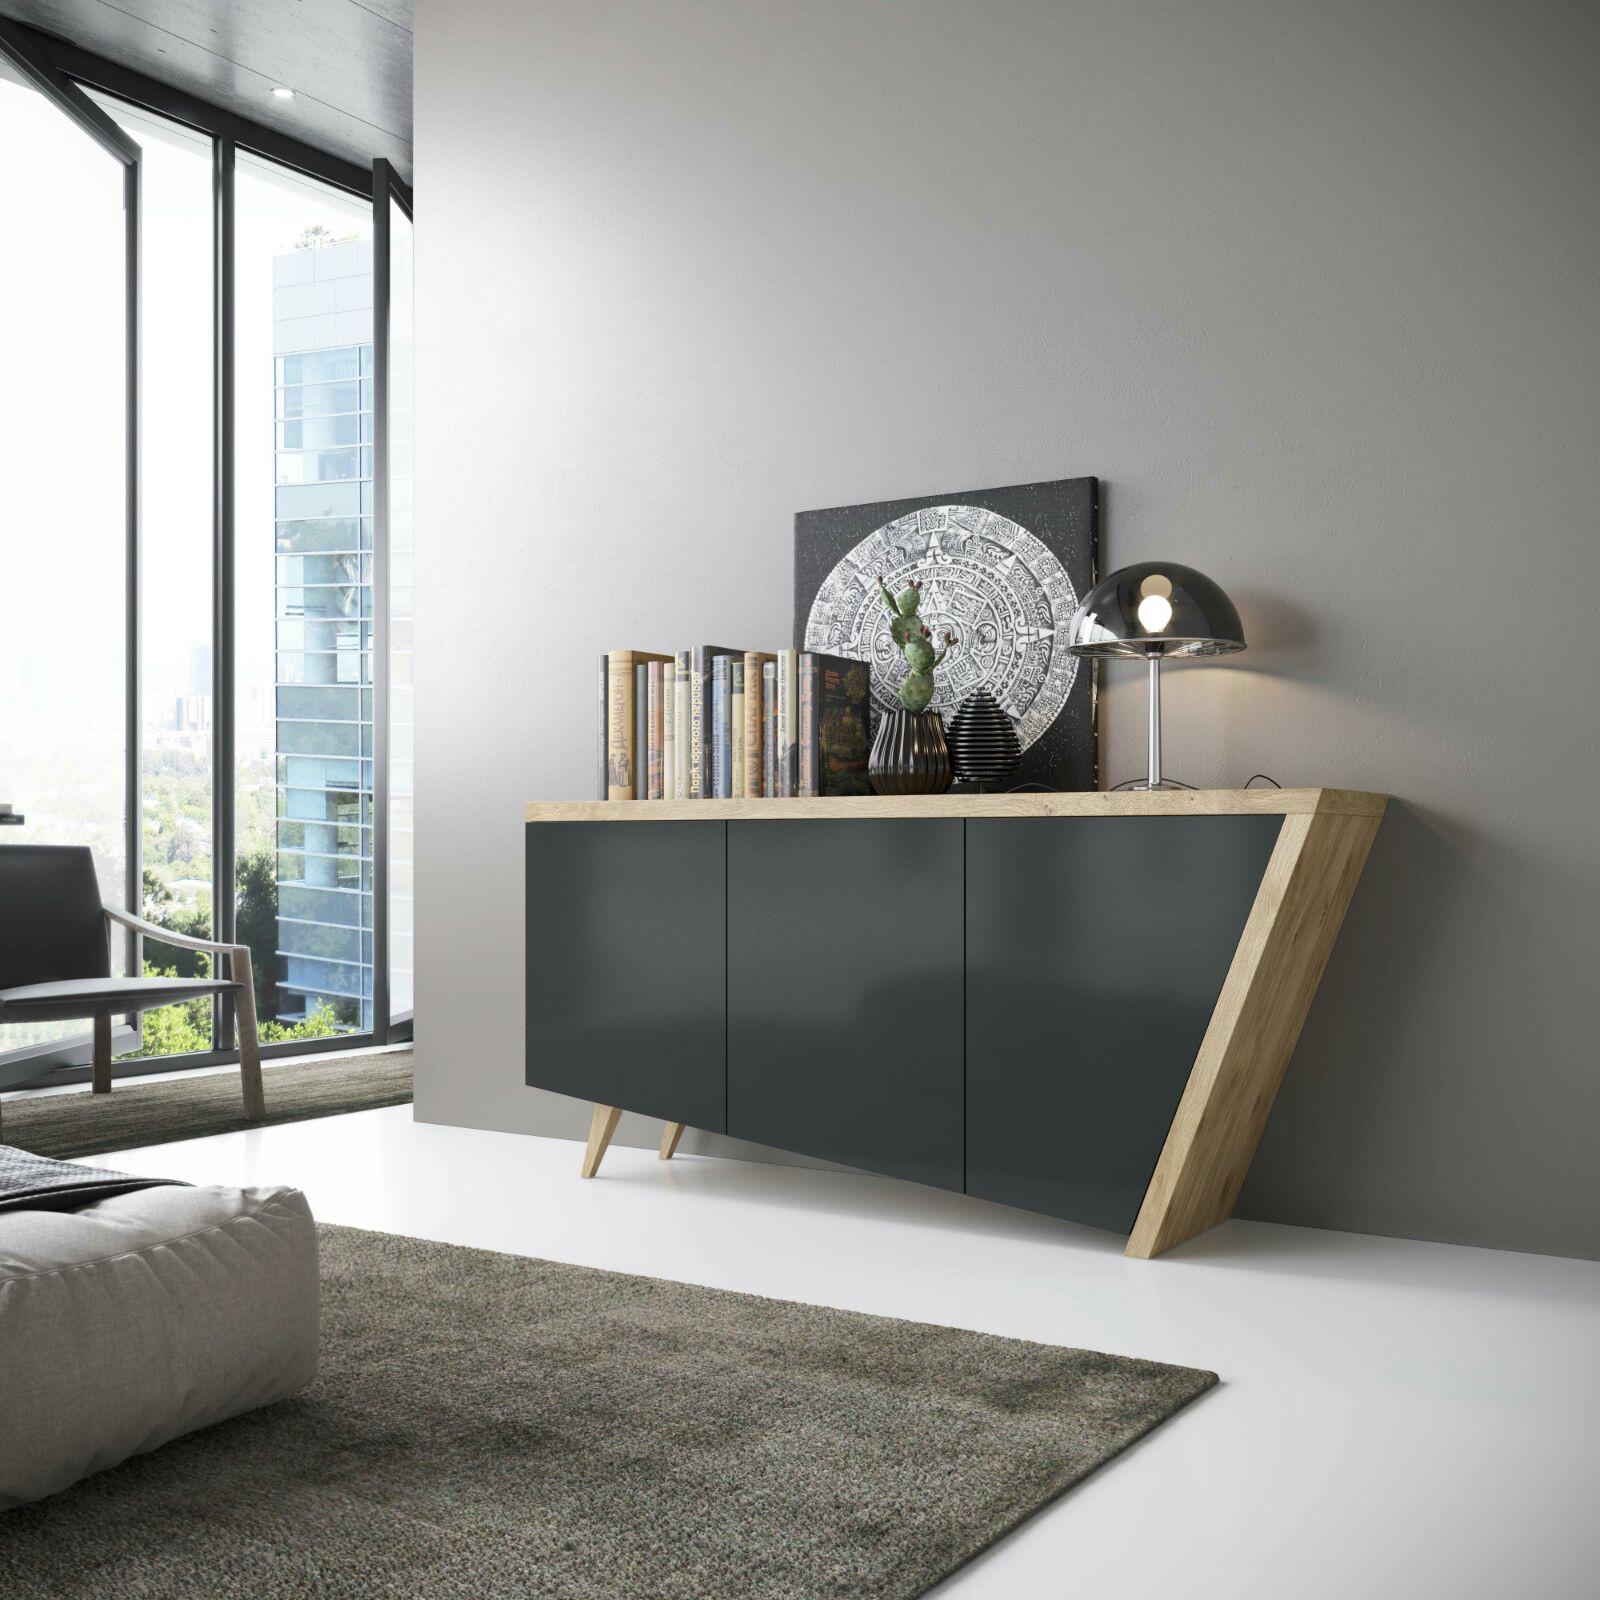 Aparador moderno aman muebles d azmuebles d az - Aparadores de cocina modernos ...